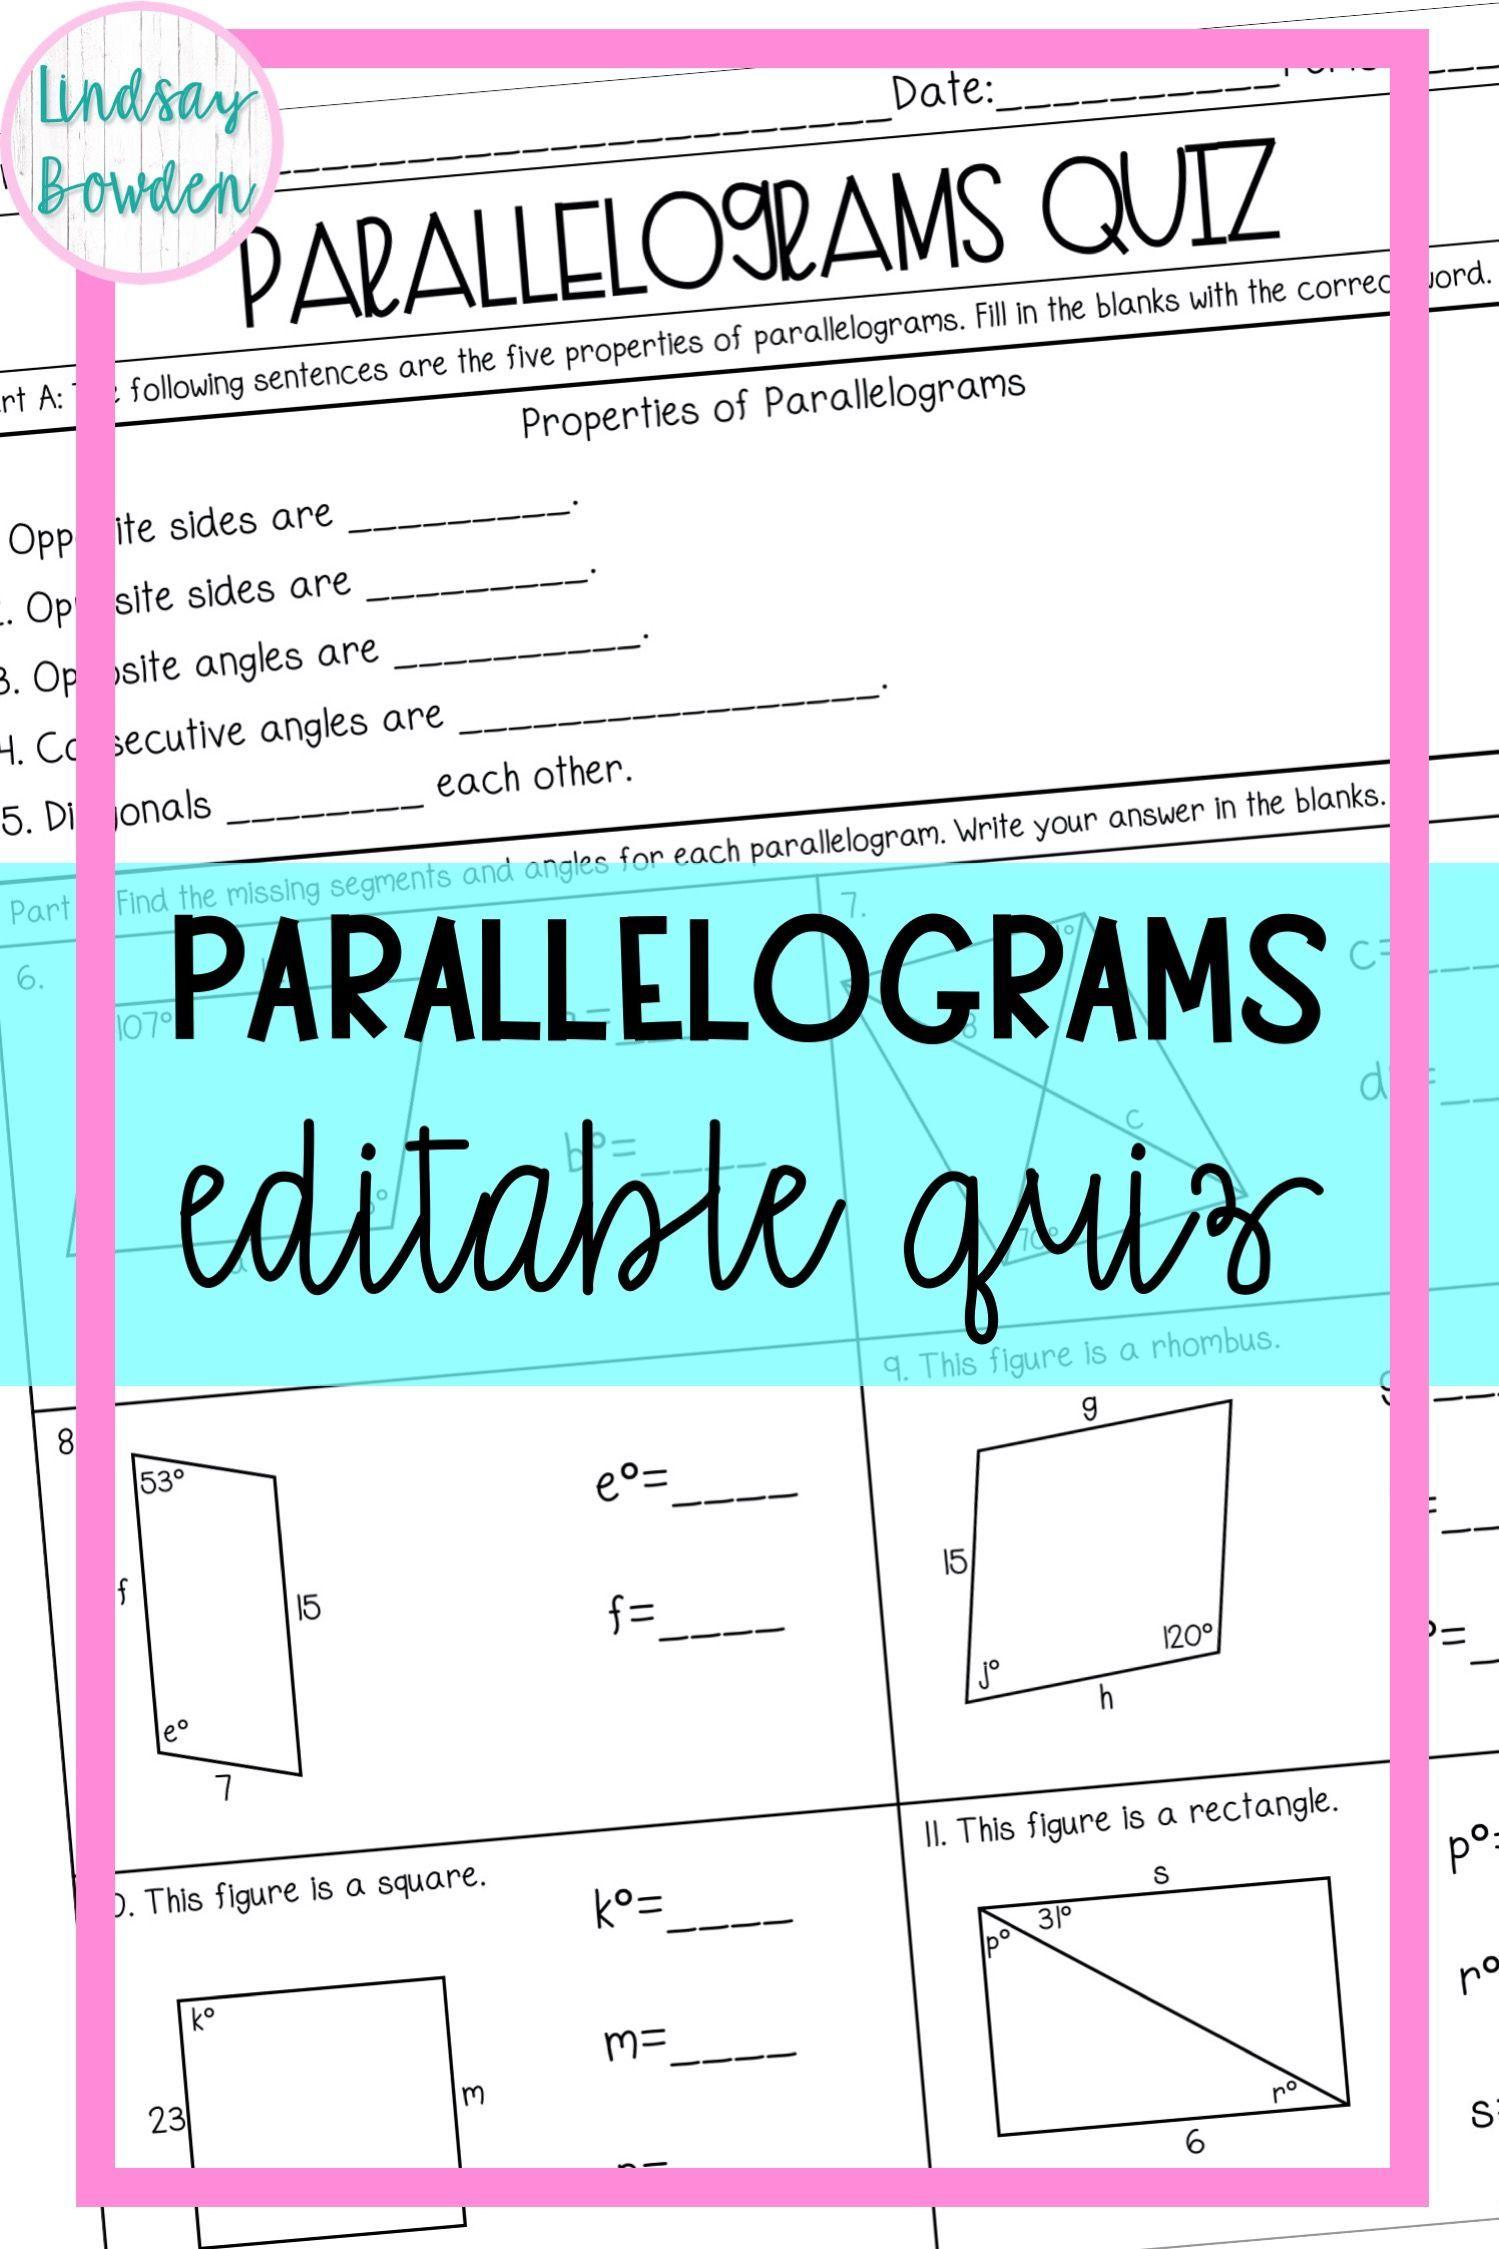 Parallelograms Quiz In